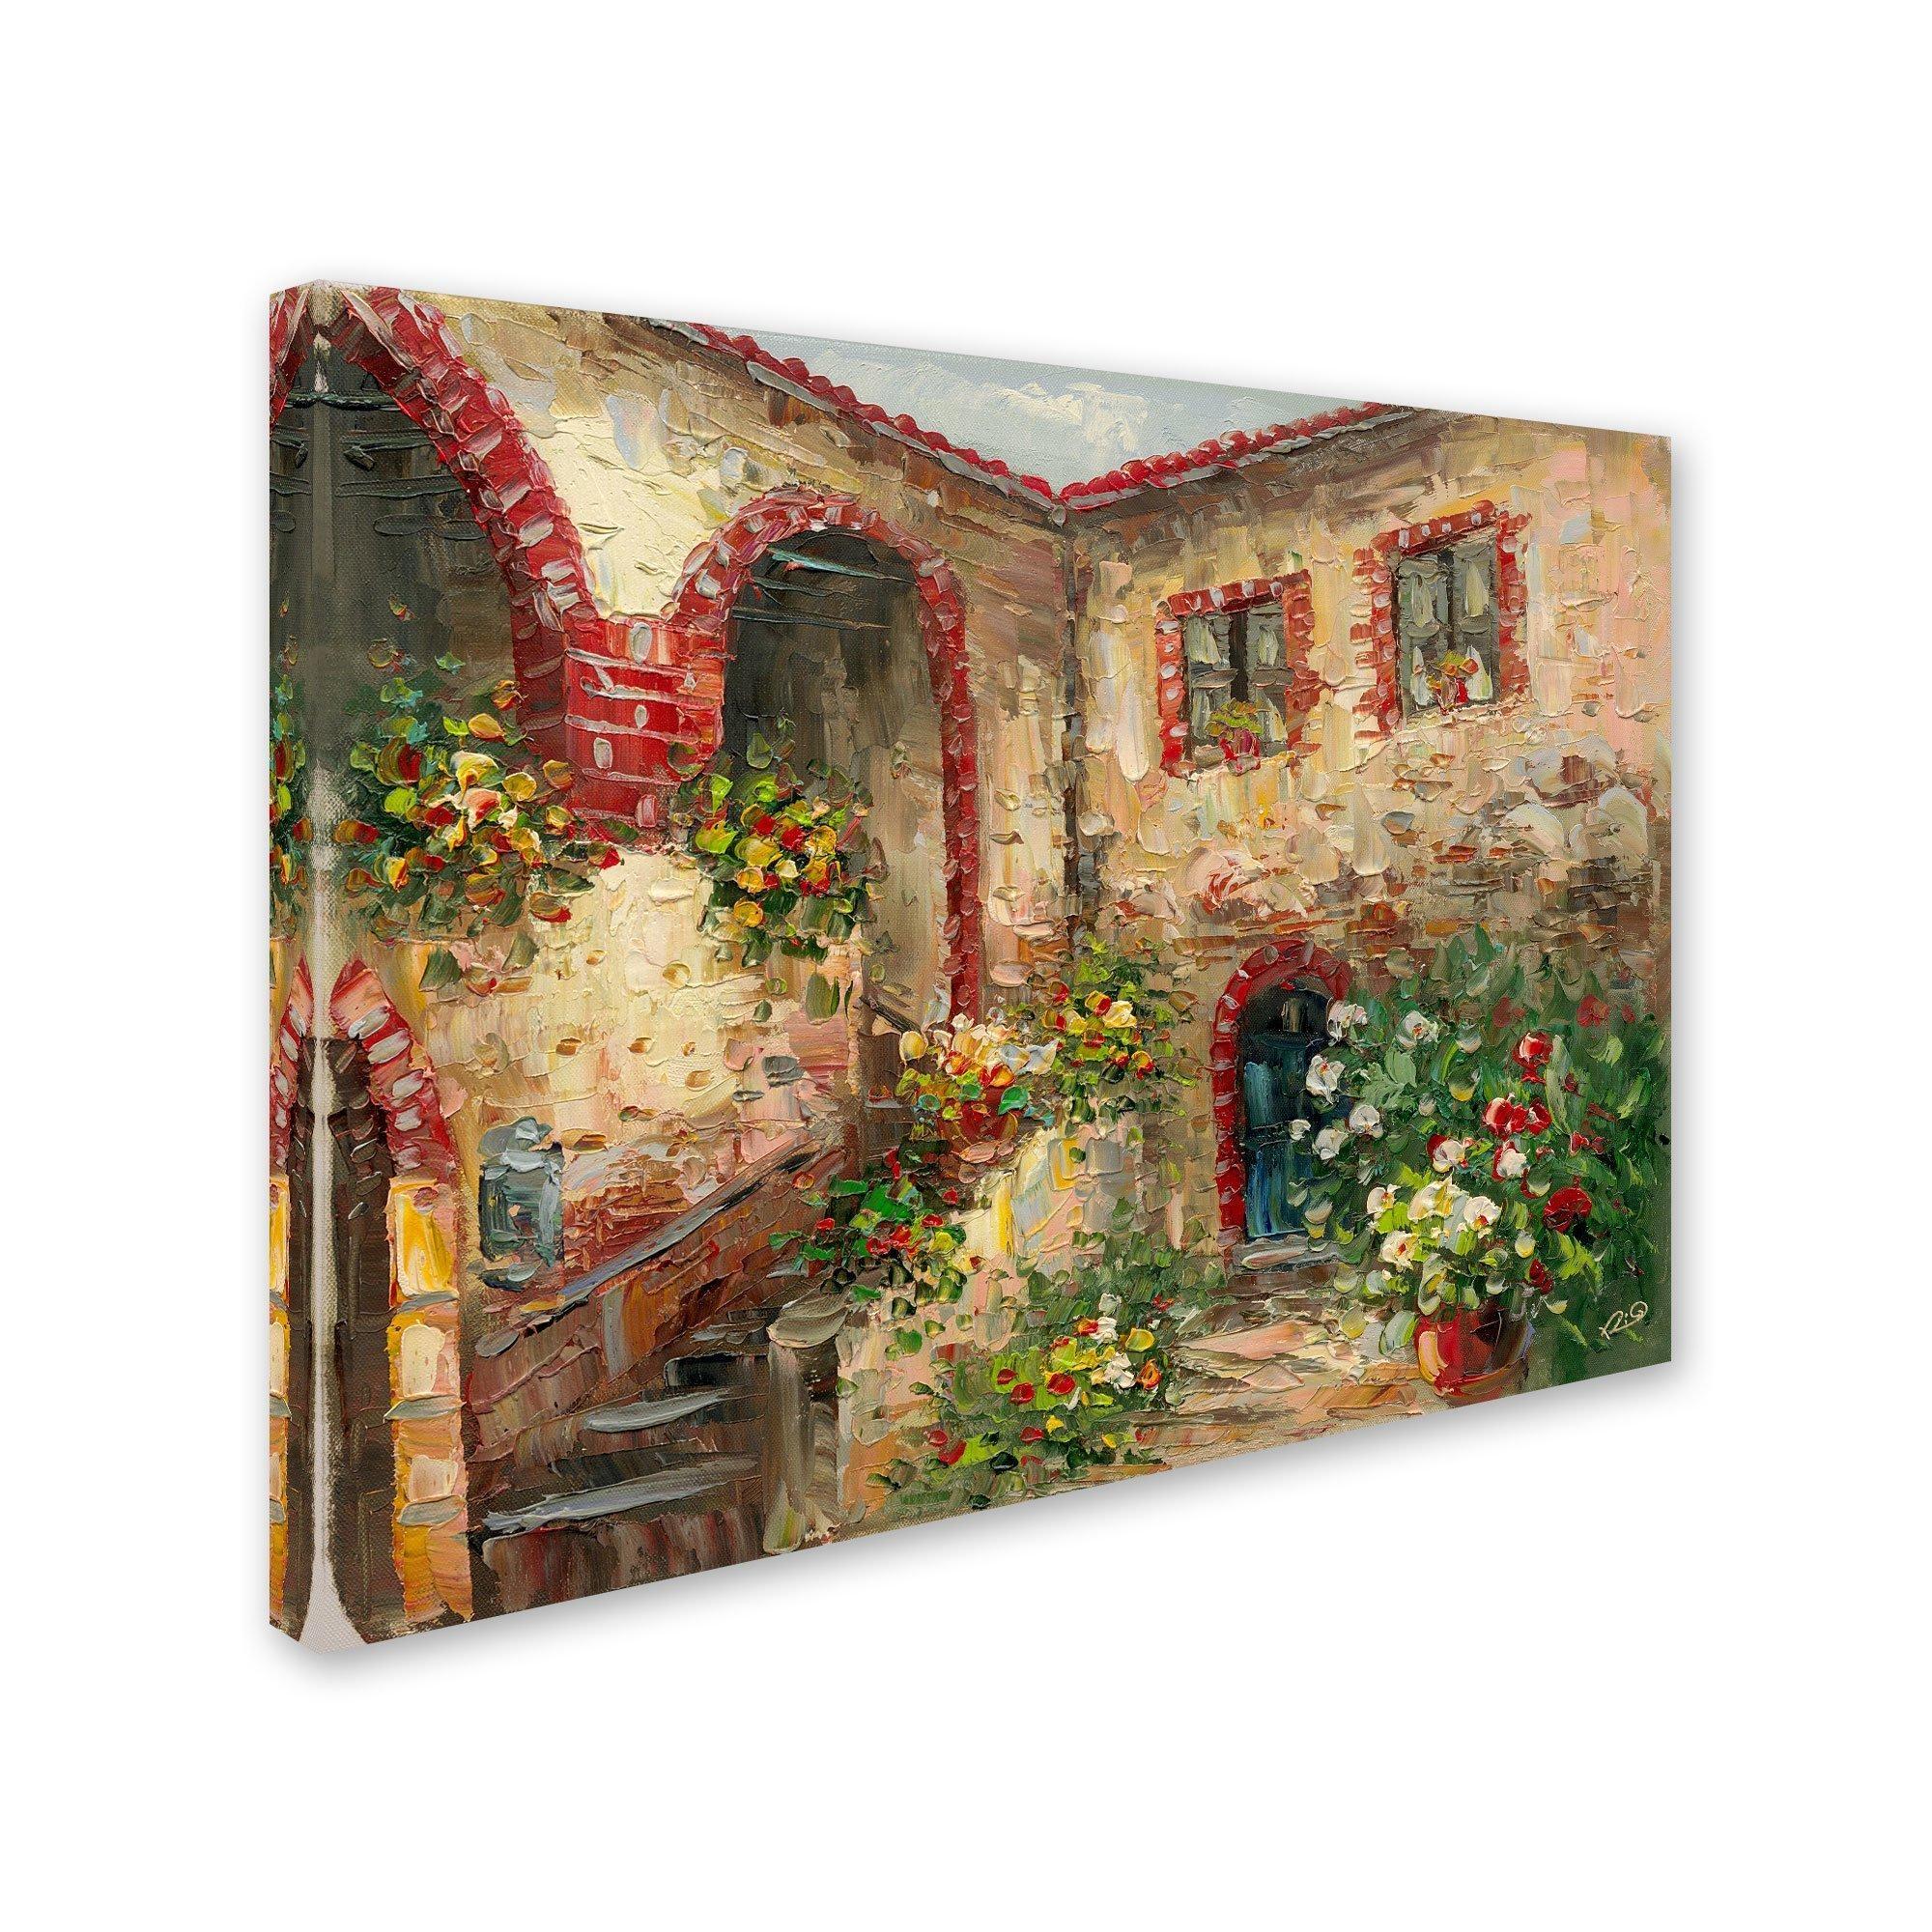 Fleur De Lis Wall Art | Roselawnlutheran For Metal Fleur De Lis Wall Art (View 12 of 20)